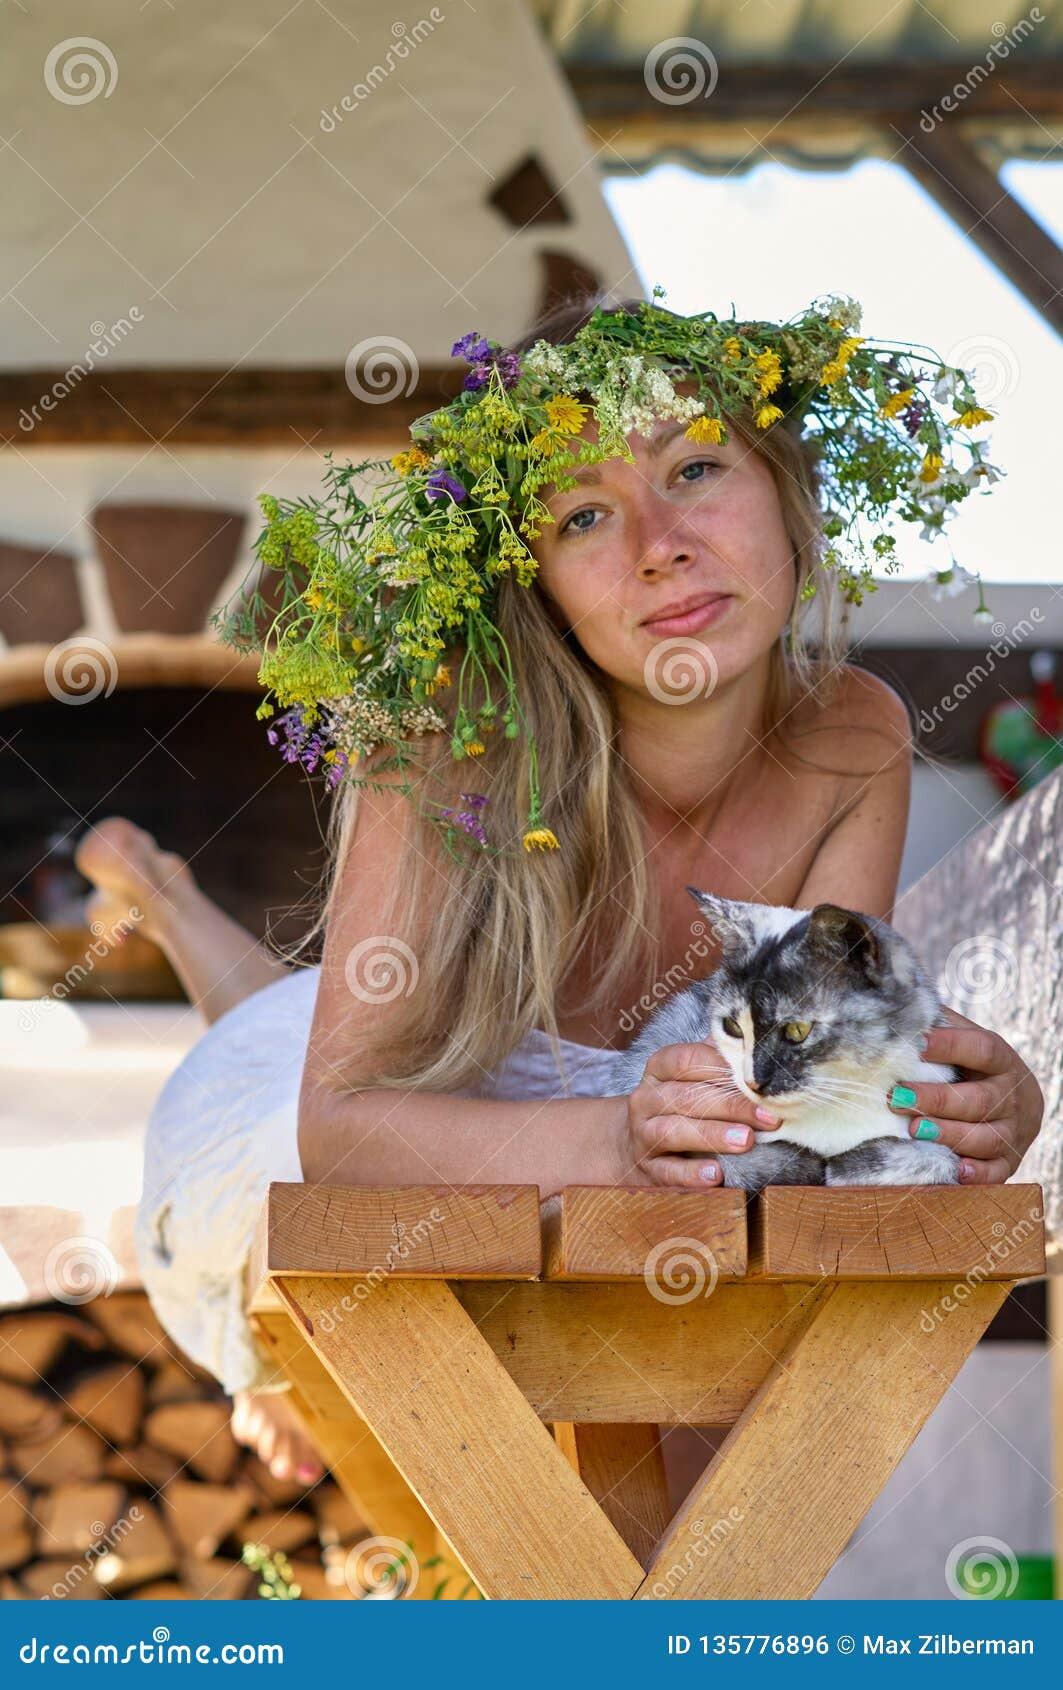 Όμορφη μακρύς-άσπρη γυναίκα τρίχας στο άσπρο στεφάνι φορεμάτων και λουλουδιών που βρίσκεται σε έναν ξύλινο πάγκο με τη χαριτωμένη